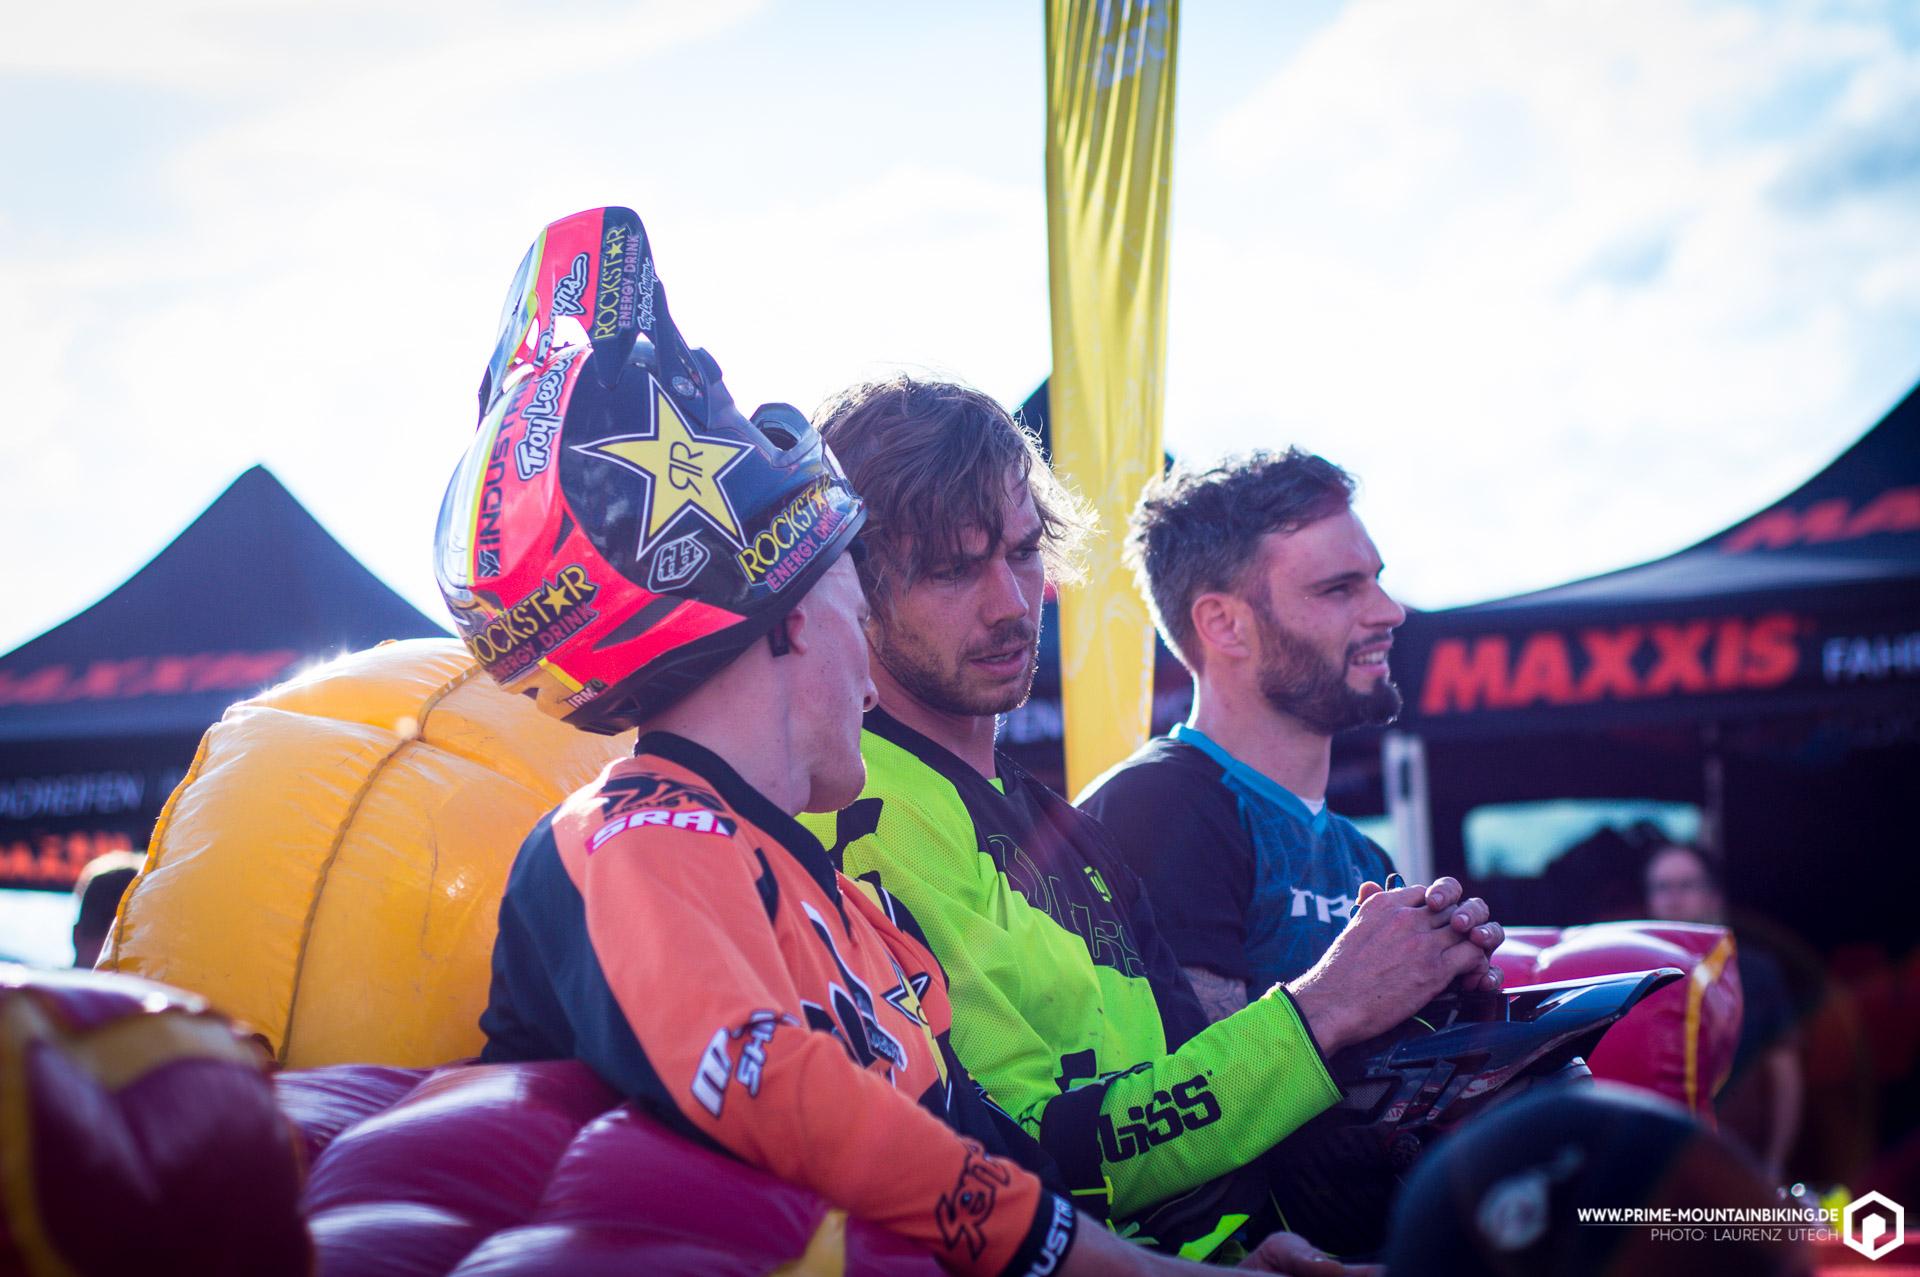 Nicht ganz unerwartet übernahm Downhill-Racer Matt Walker vom Cube Global Squad zwischenzeitlich den Hot Seat. Der Neuseeländer gab am Wochenende sein Enduro-Debut auf deutschem Boden und machte dabei eine sehr gute Figur.